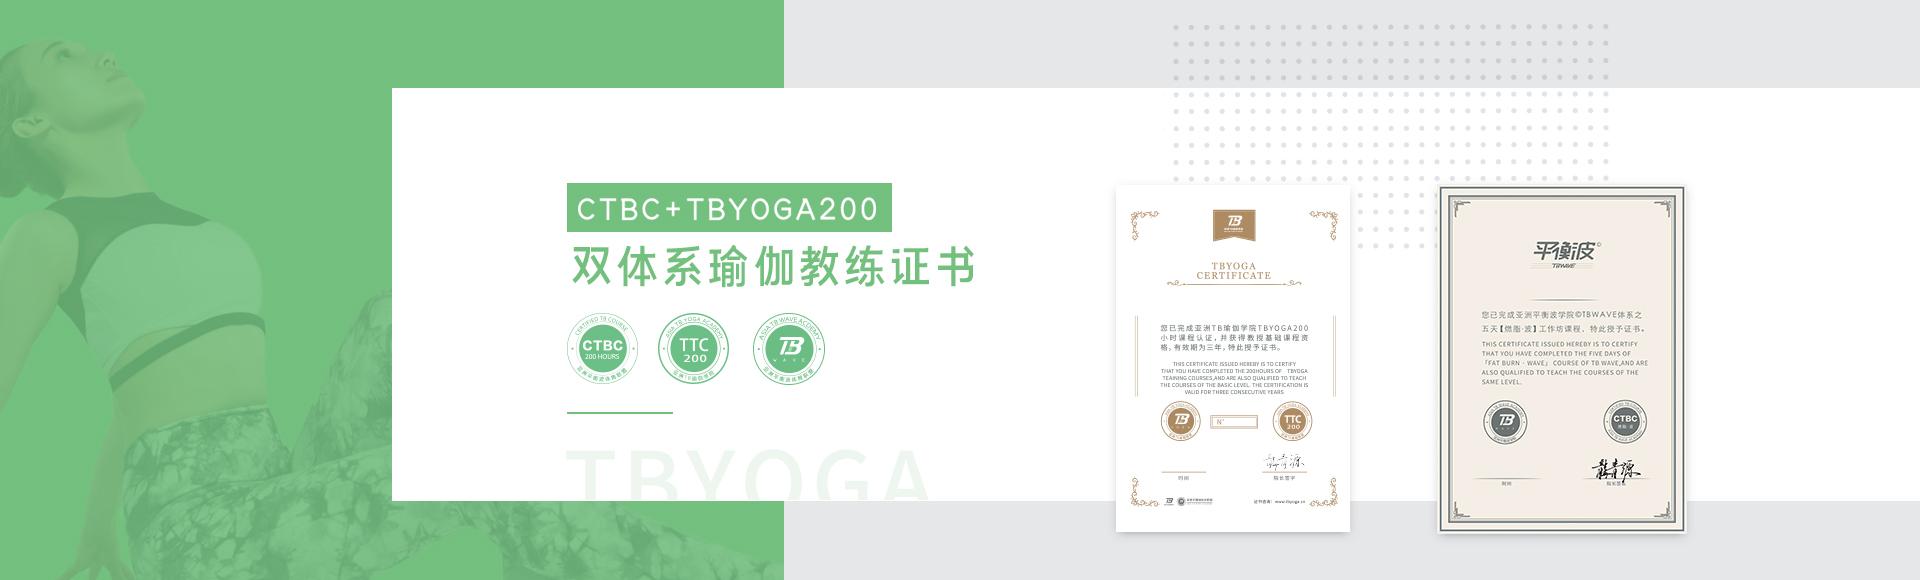 双体系瑜伽教练证书